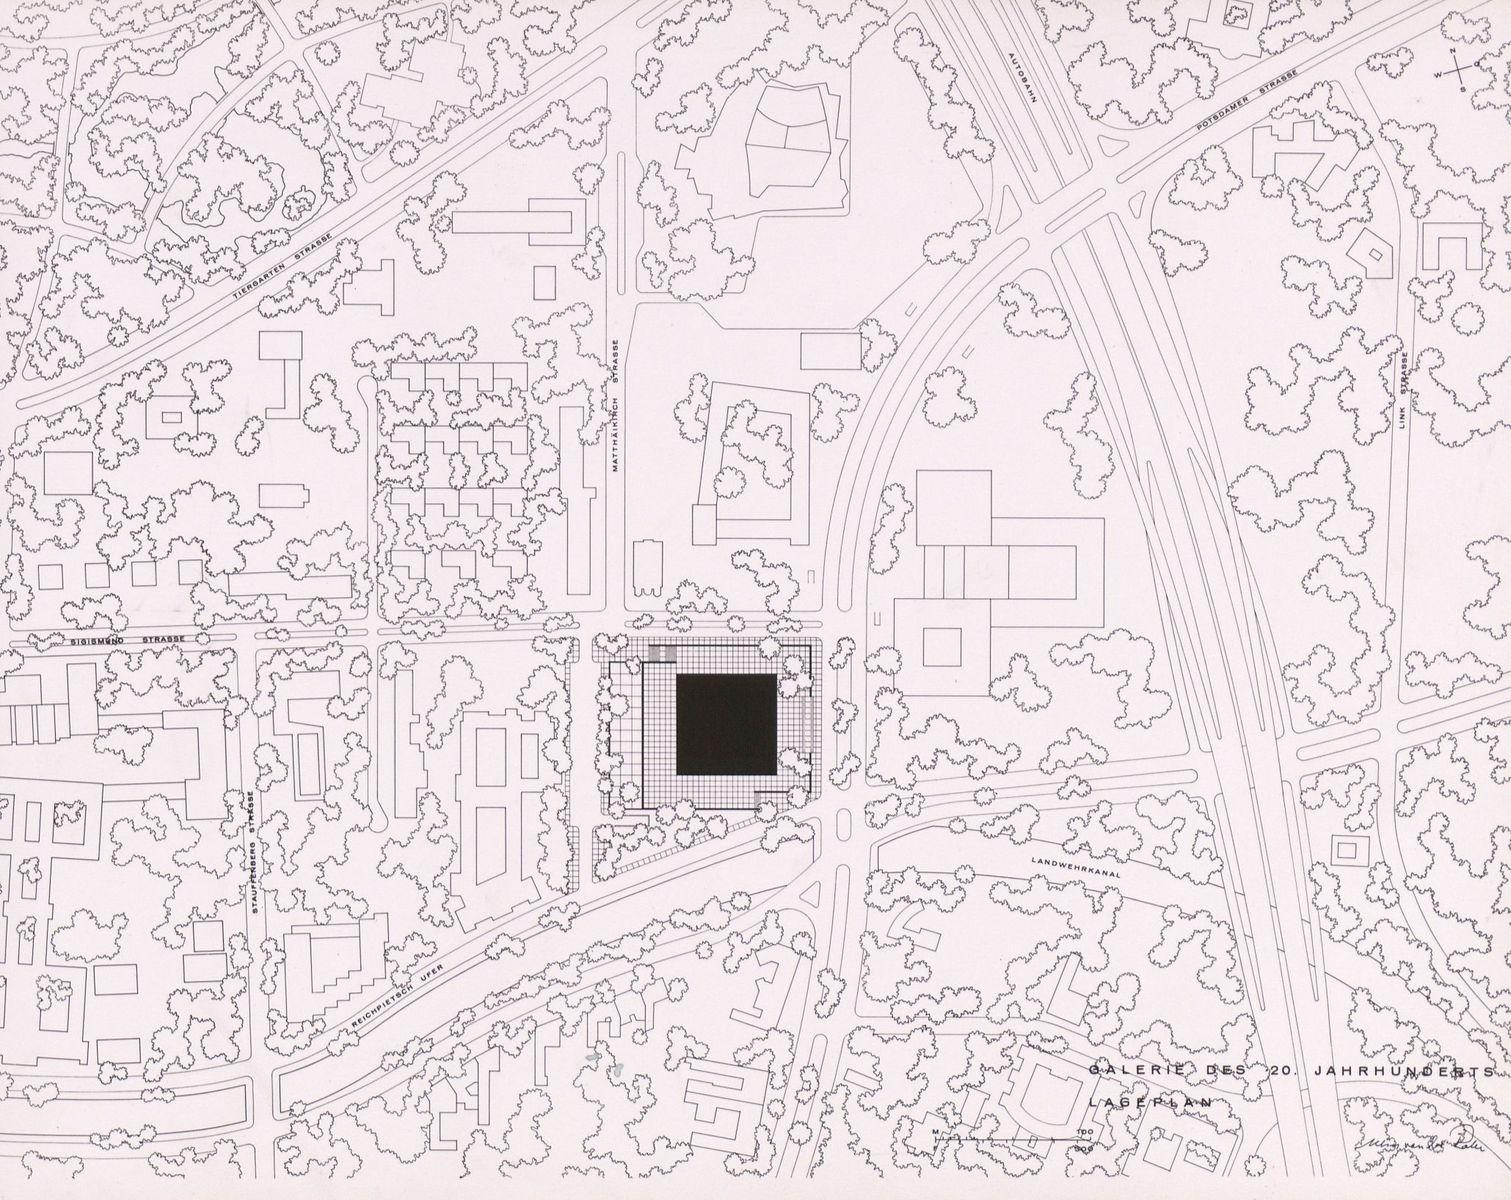 Ludwig Mies van der Rohe: Präsentationsmappe für den Bau der Neuen Nationalgalerie, Lageplan, Foto: (c) bpk / Kunstbibliothek, SMB / Dietmar Katz